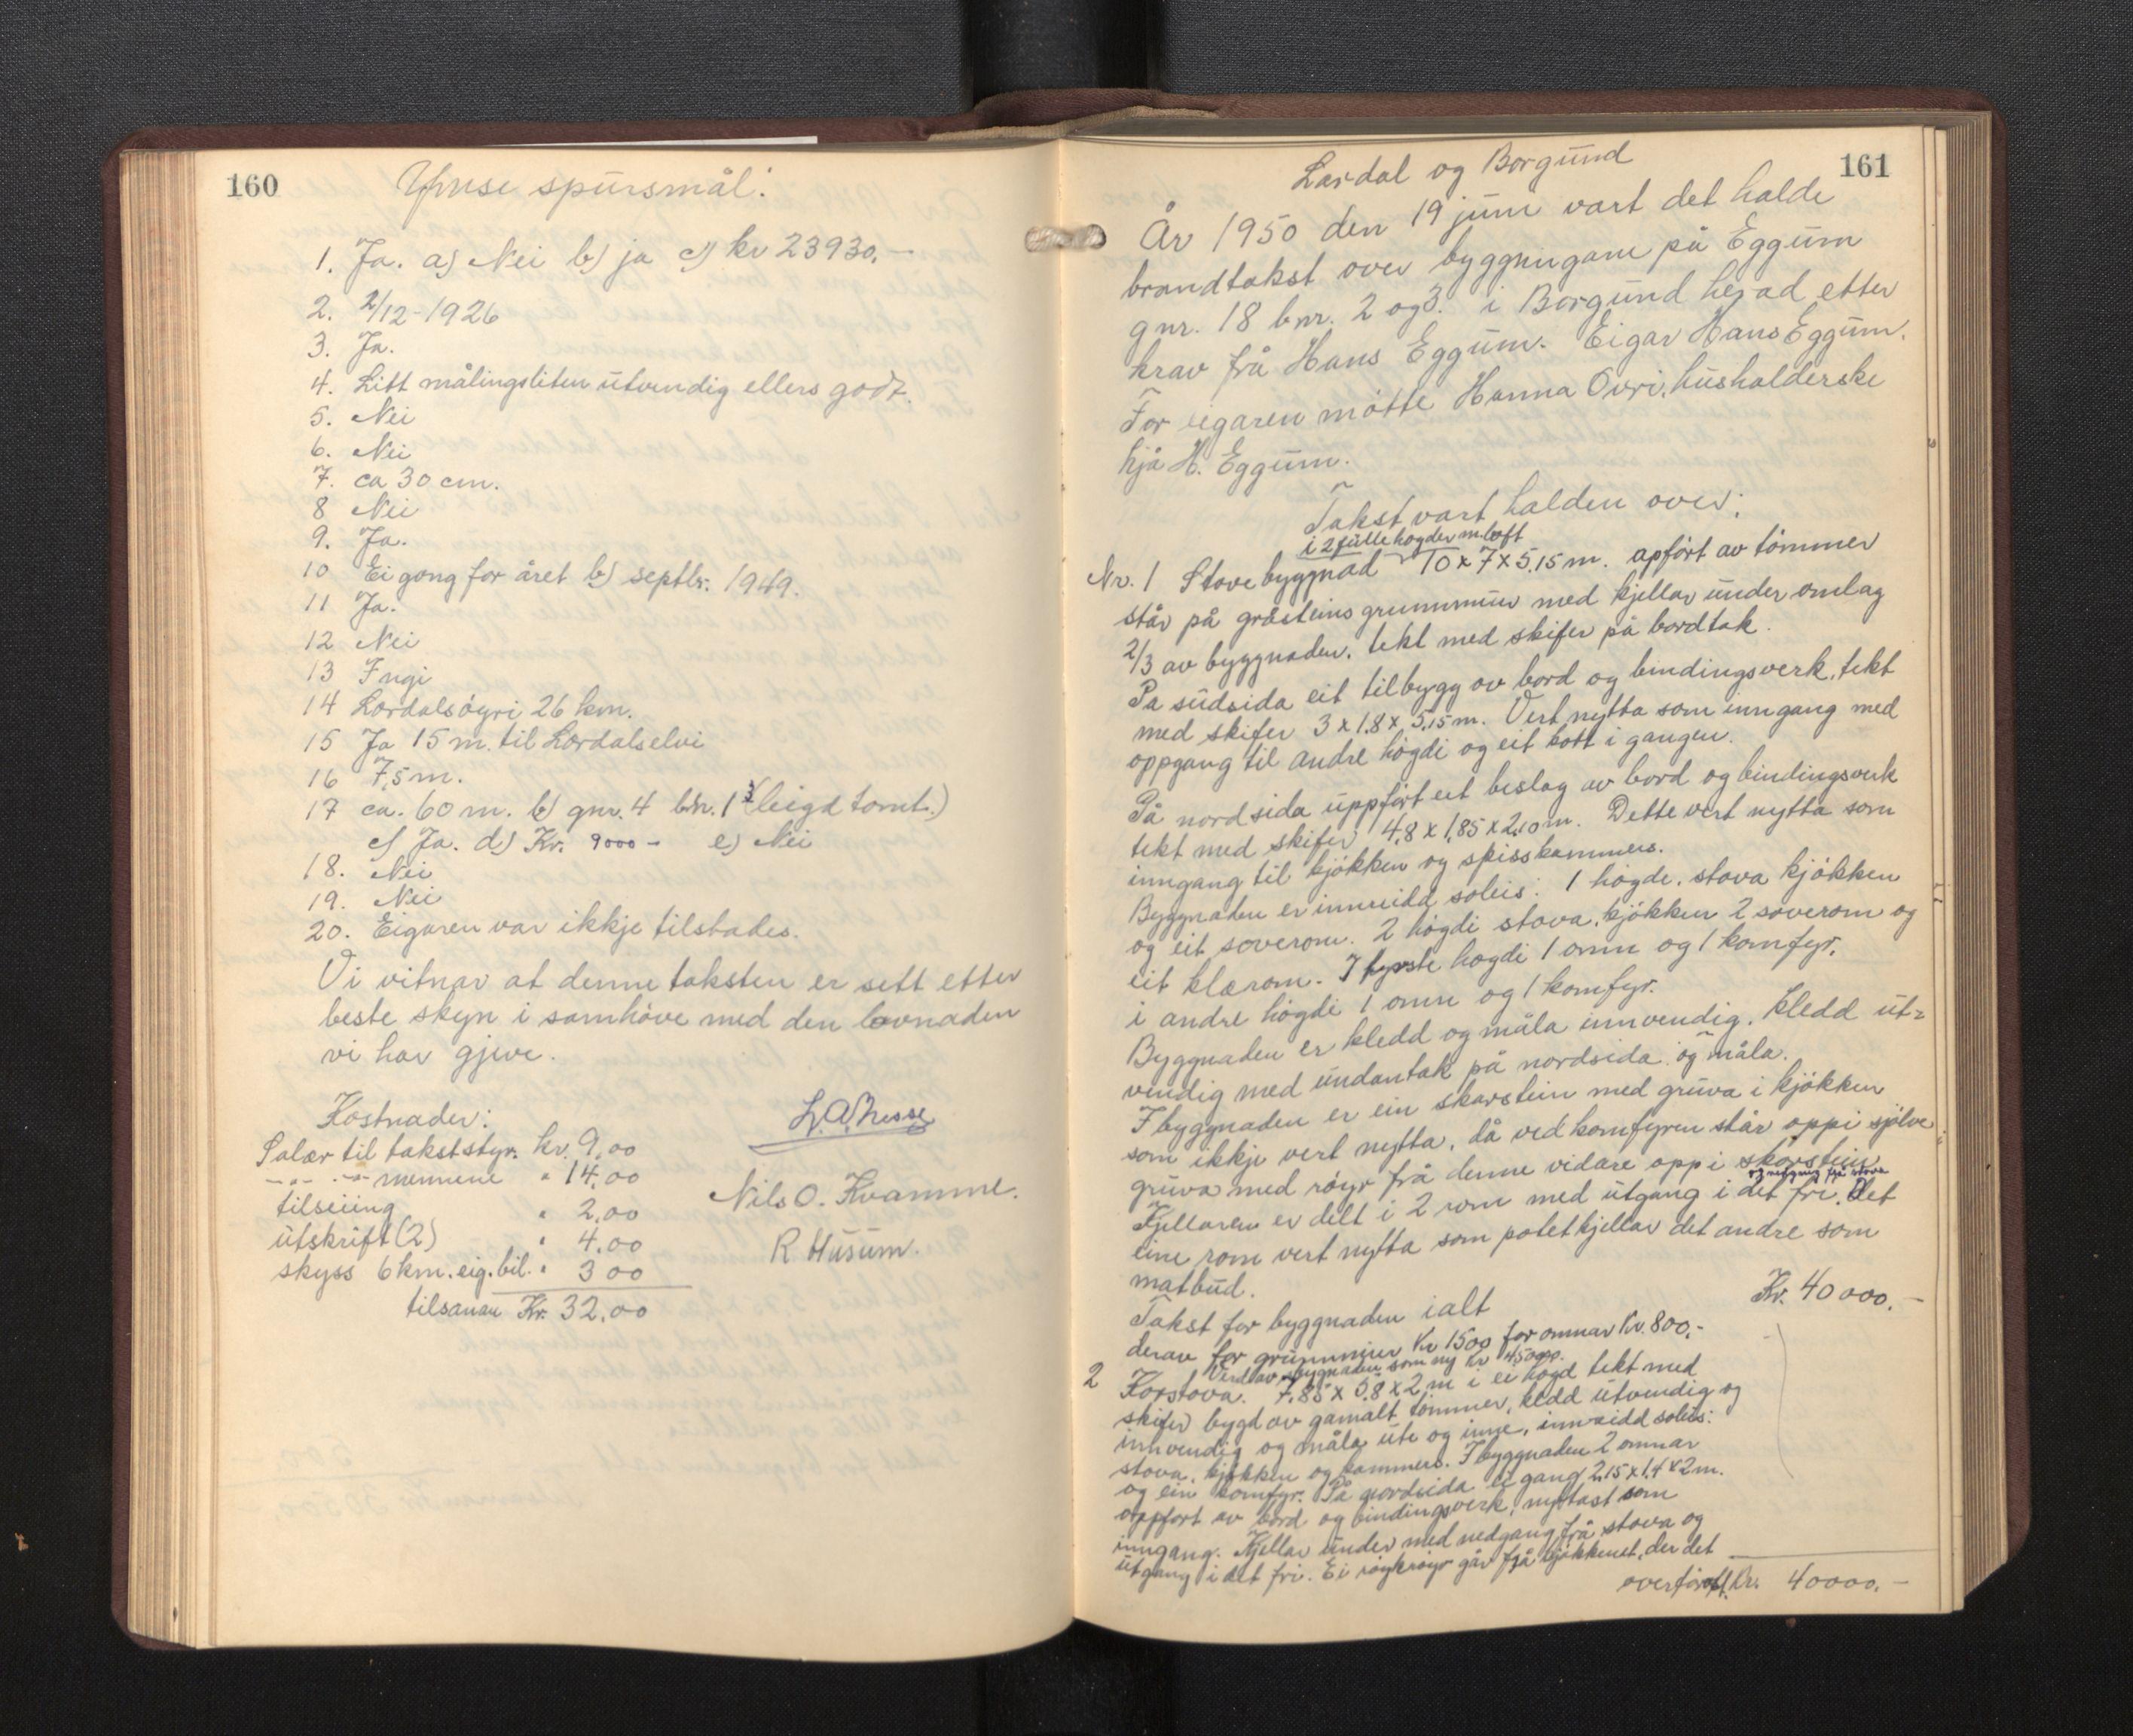 SAB, Lensmannen i Borgund, 0012/L0002: Branntakstprotokoll, 1929-1933, s. 160-161